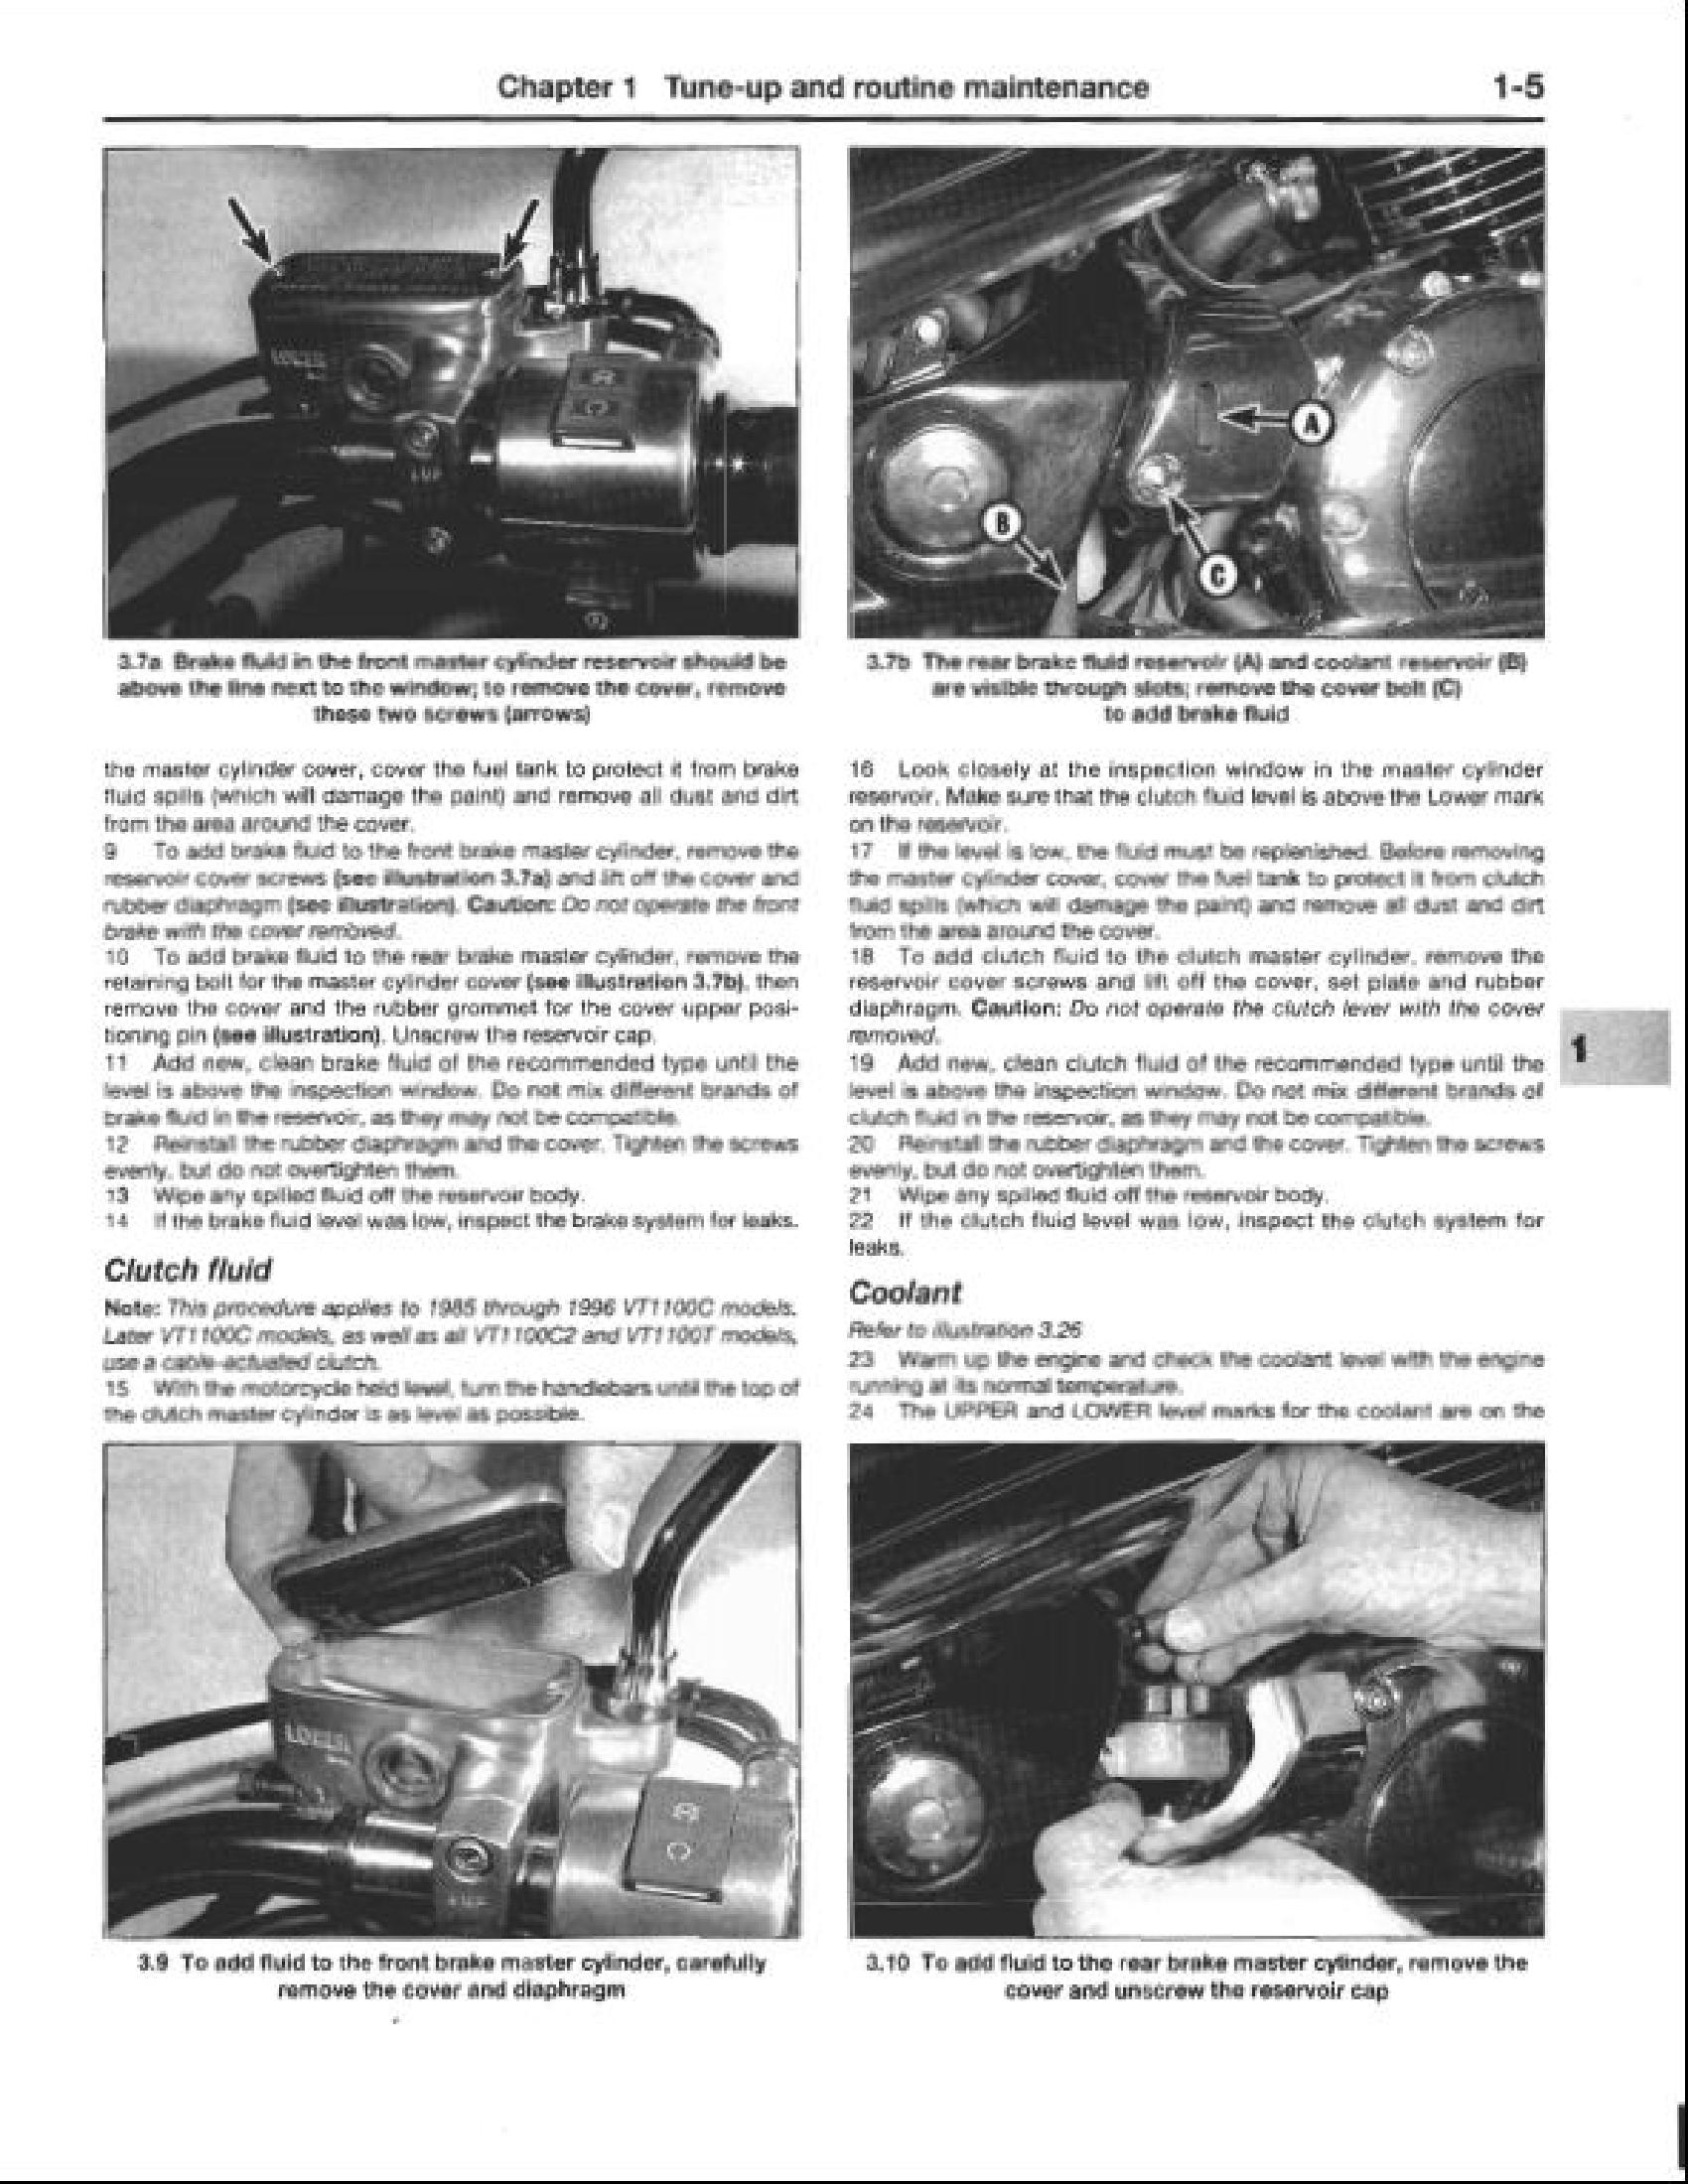 Honda VT1100 Shadow Motocycle manual